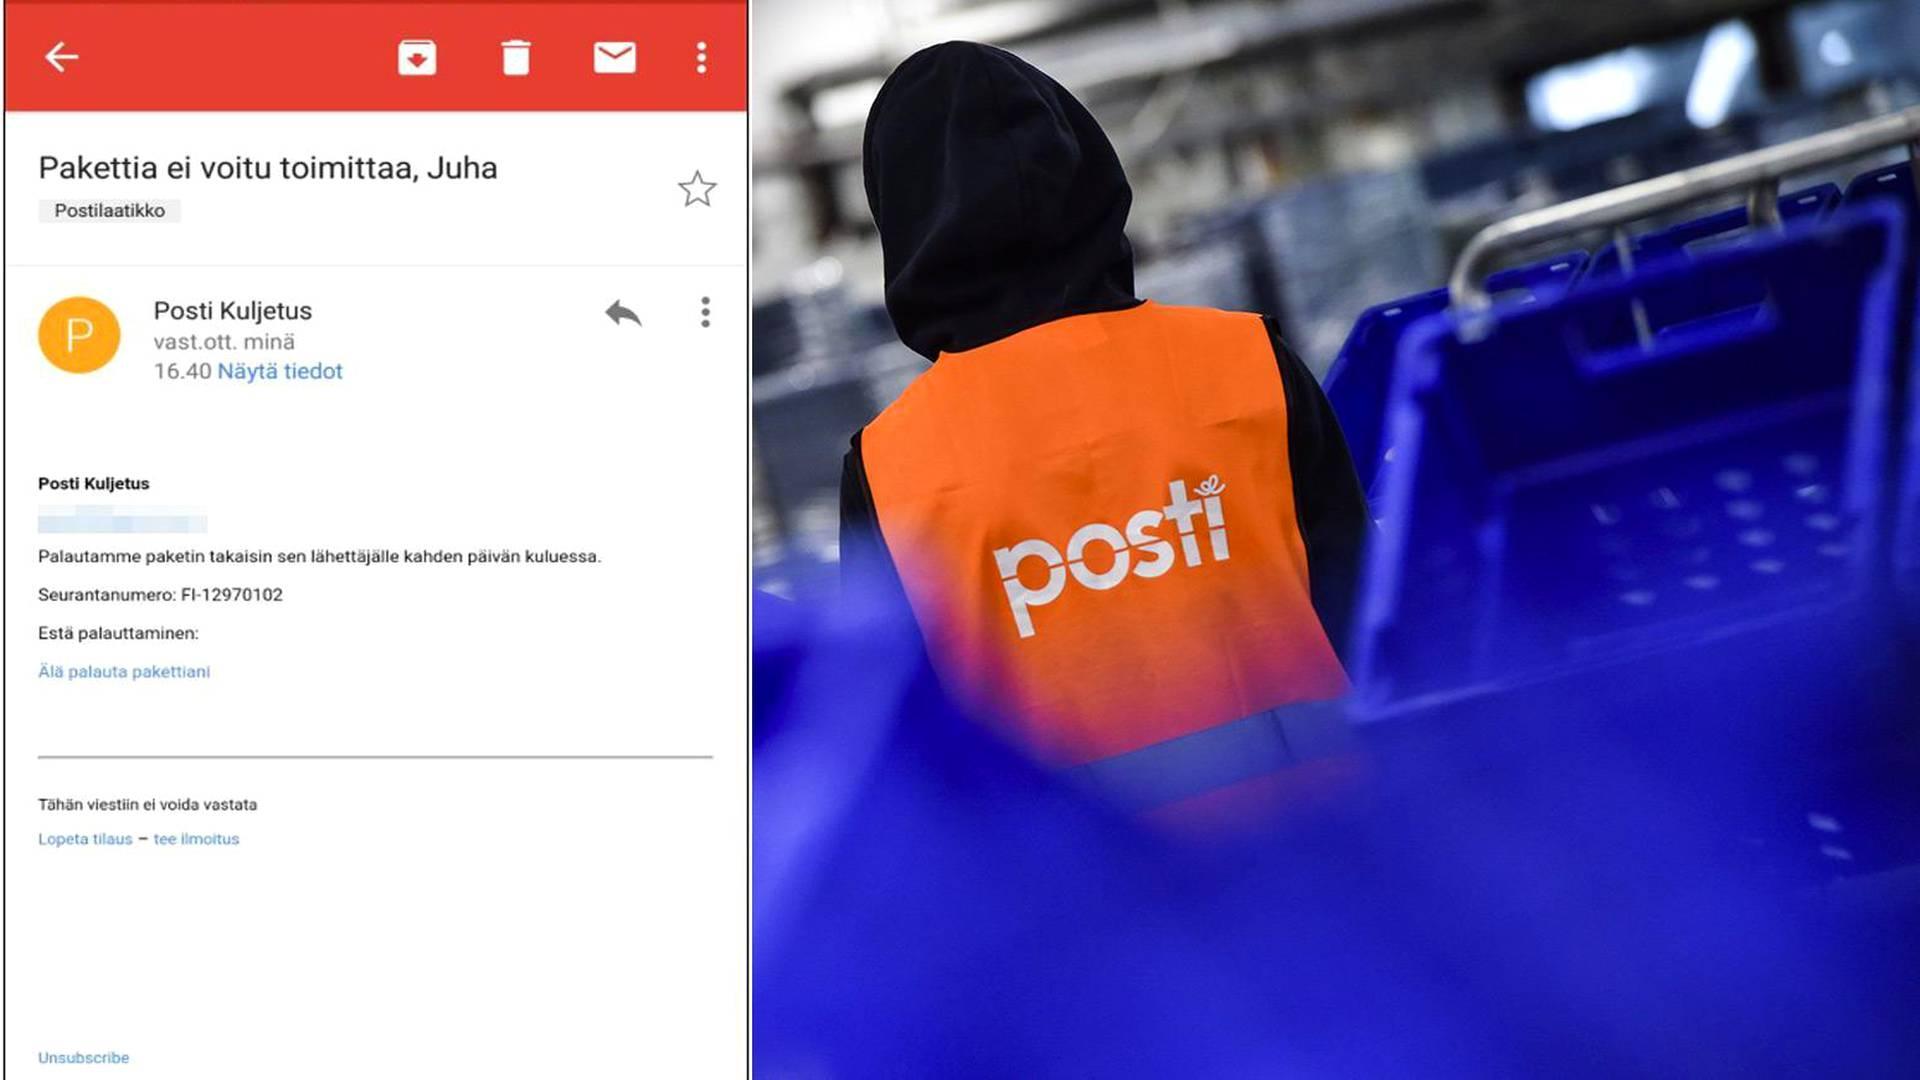 postipaketti lähetys